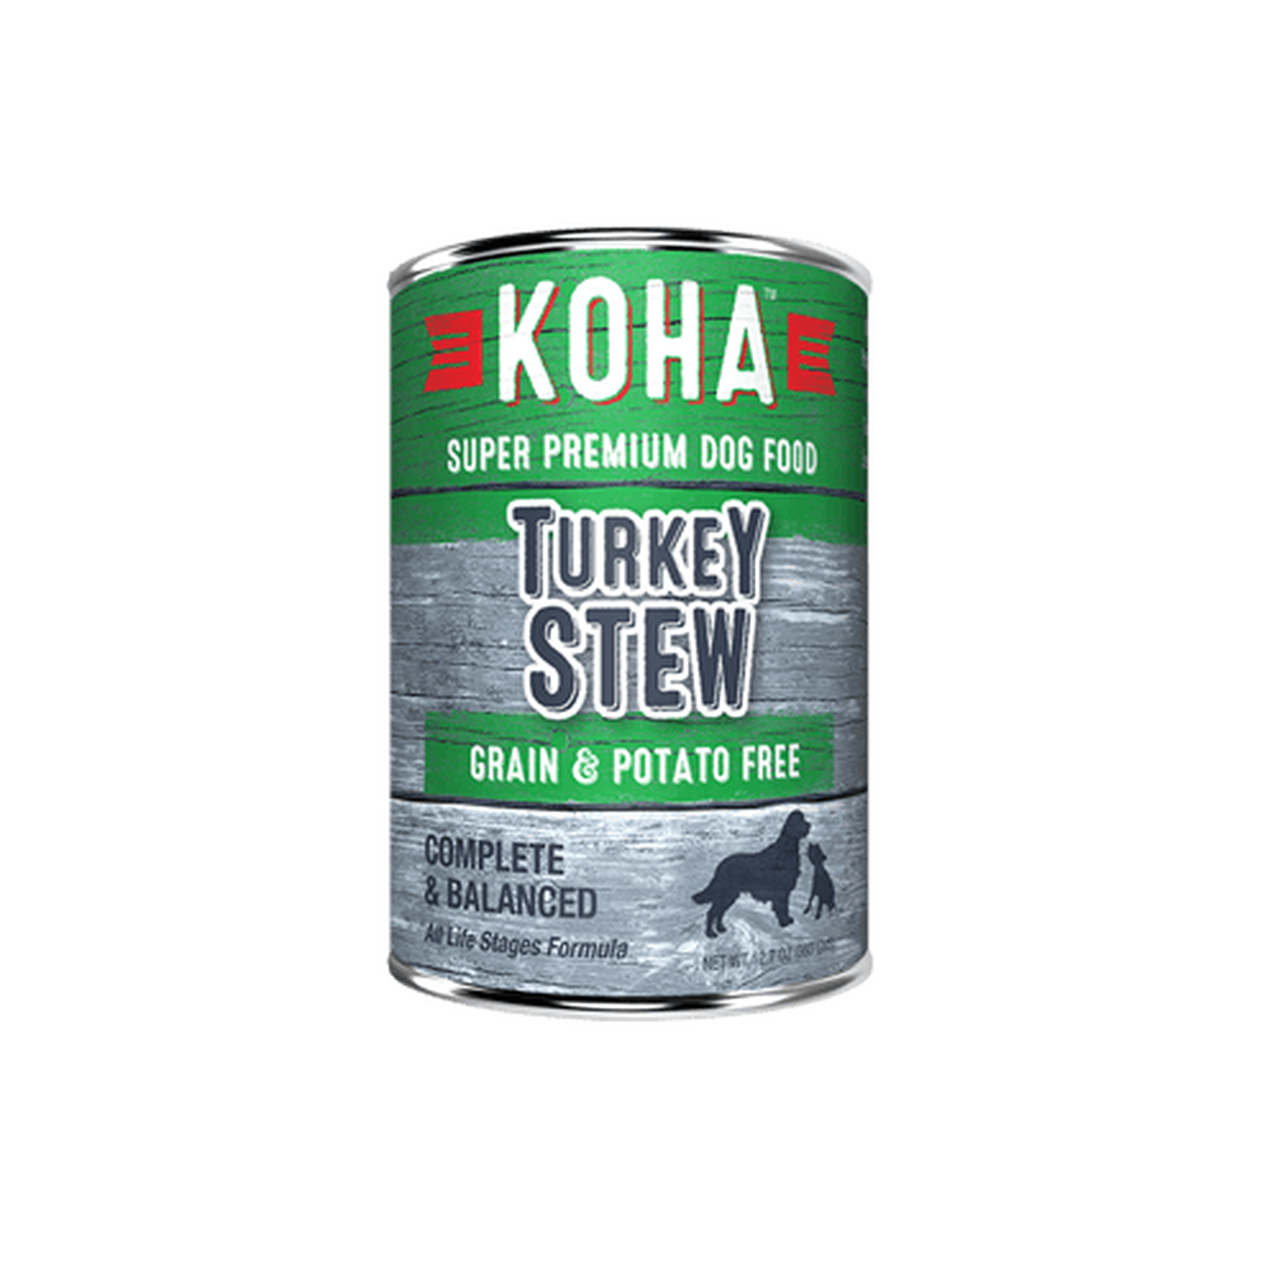 Koha Koha Turkey Stew